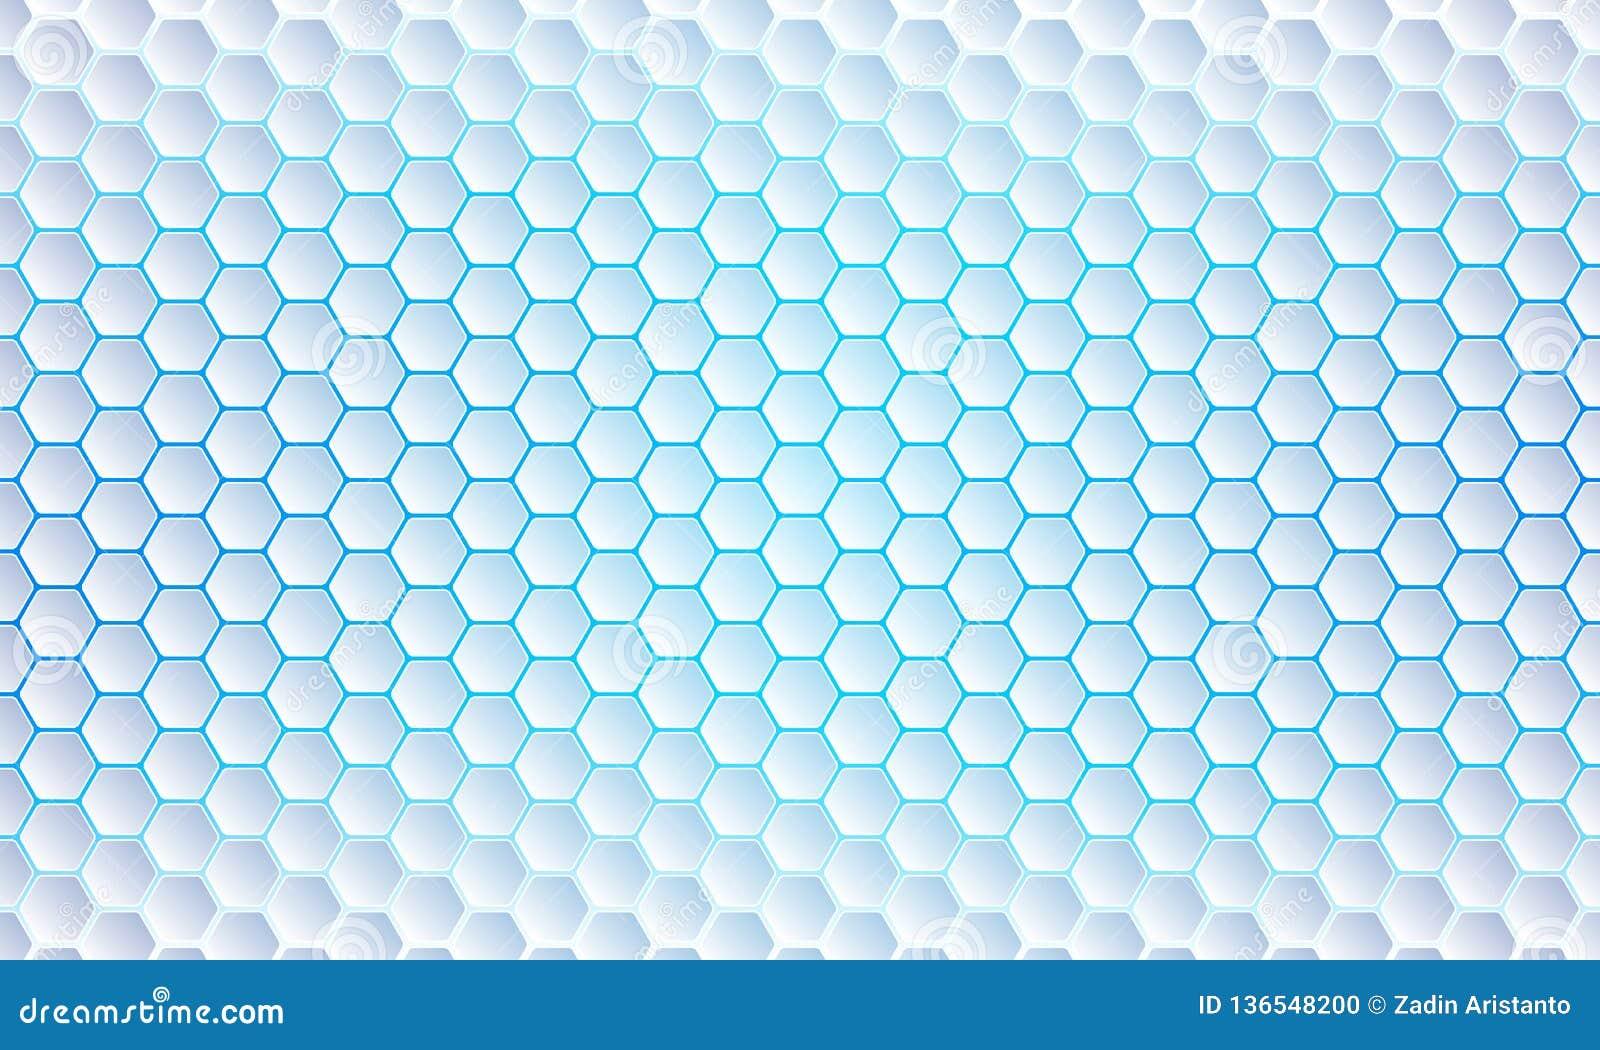 Fundo azul do hexágono, sumário moderno, fundo geométrico futurista do vetor